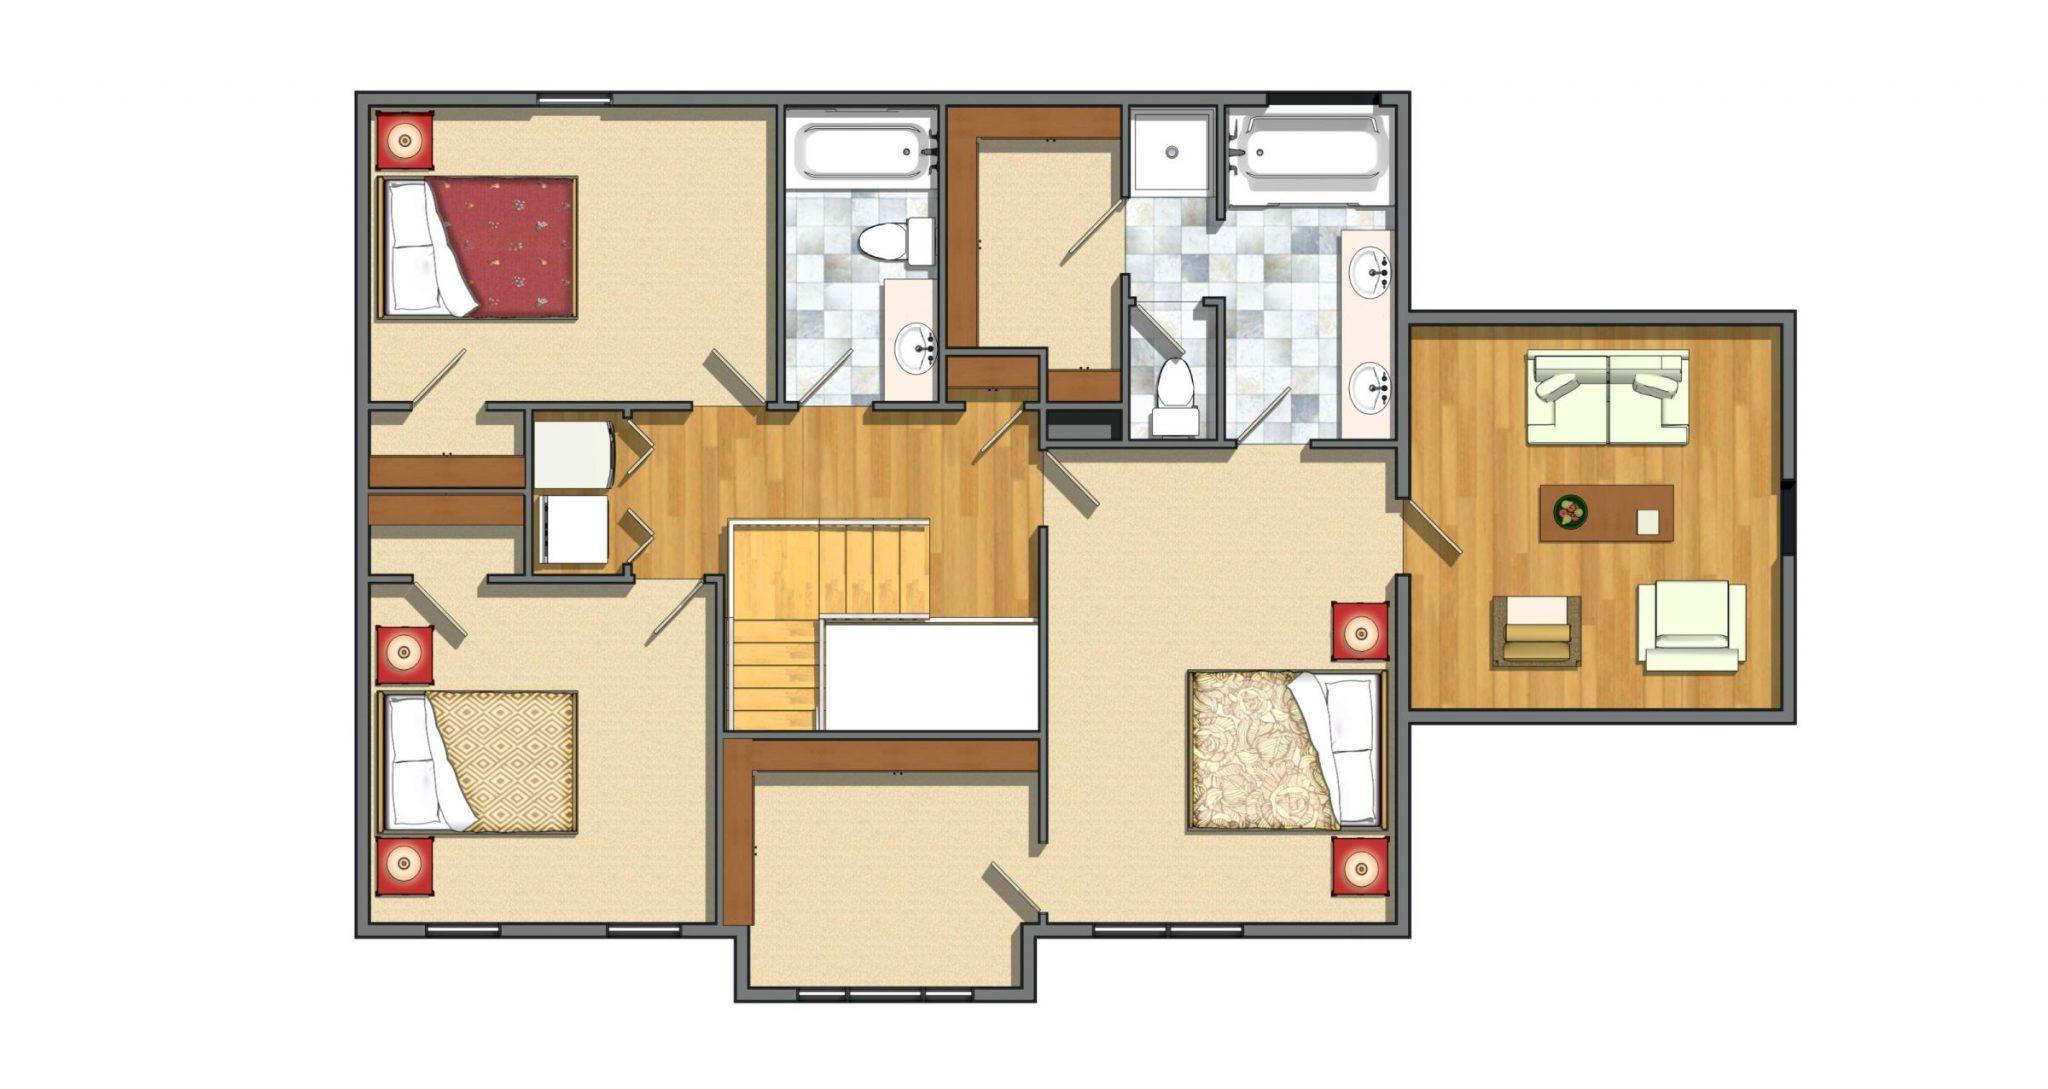 2nd Floor 3 Bedrooms